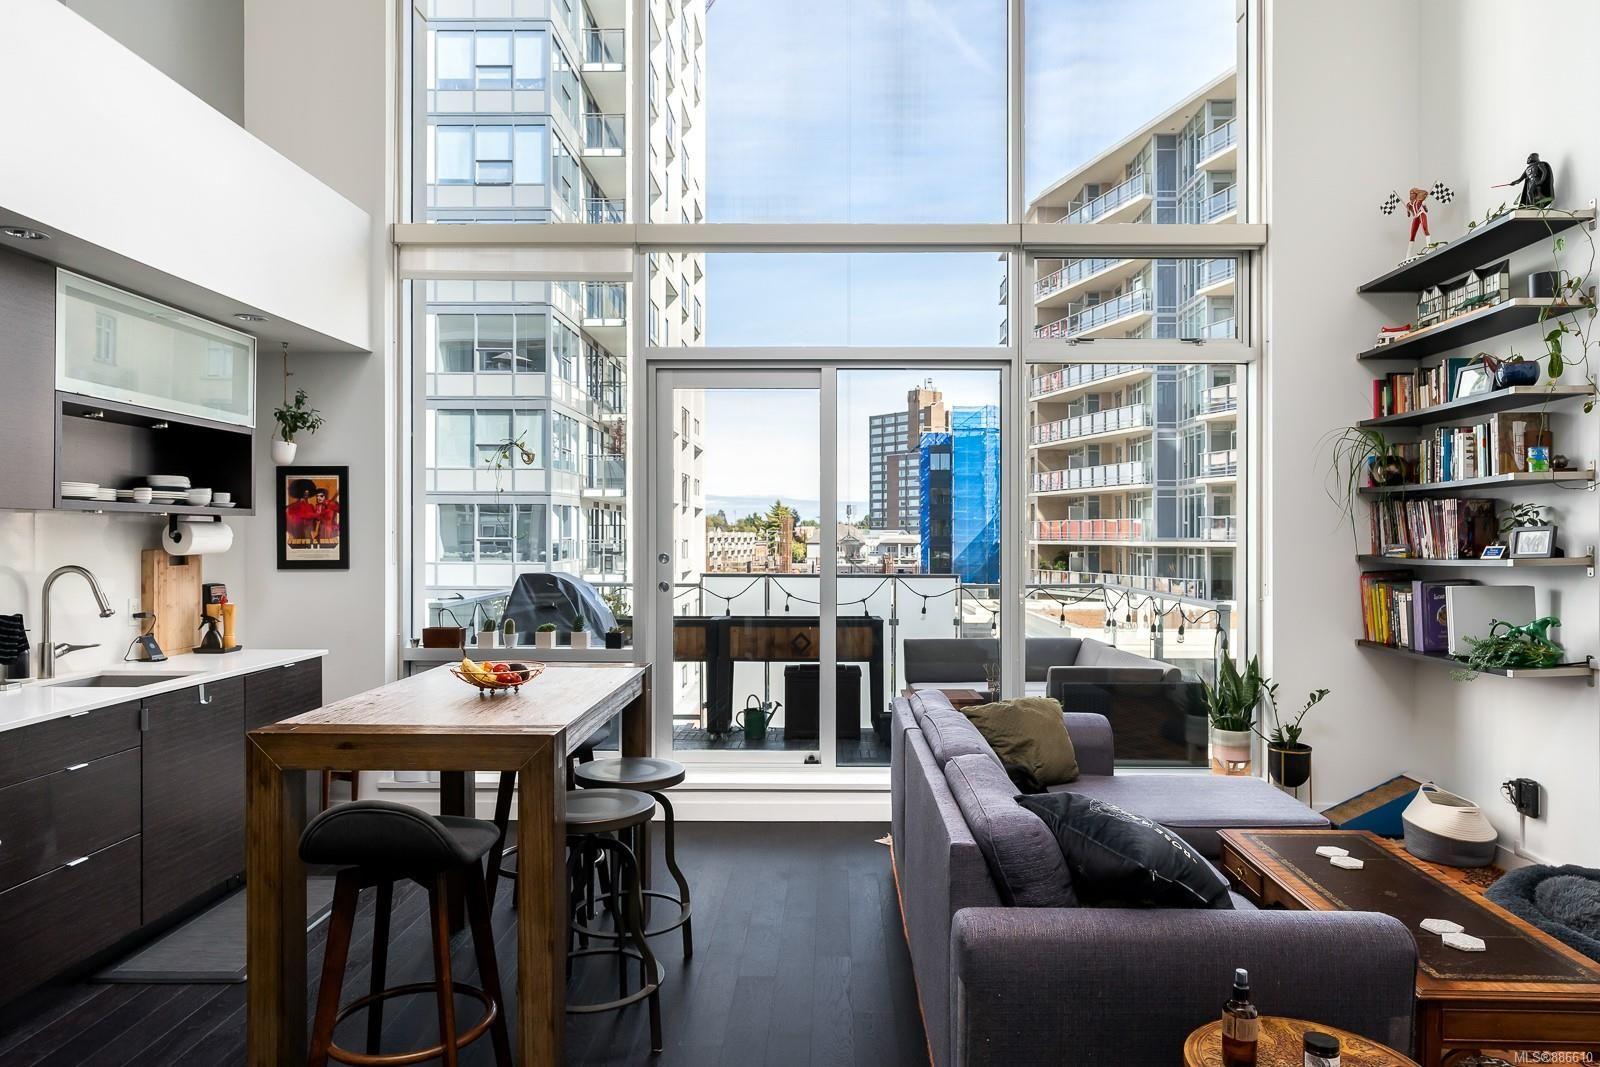 Main Photo: 439 770 Fisgard St in Victoria: Vi Downtown Condo for sale : MLS®# 886610